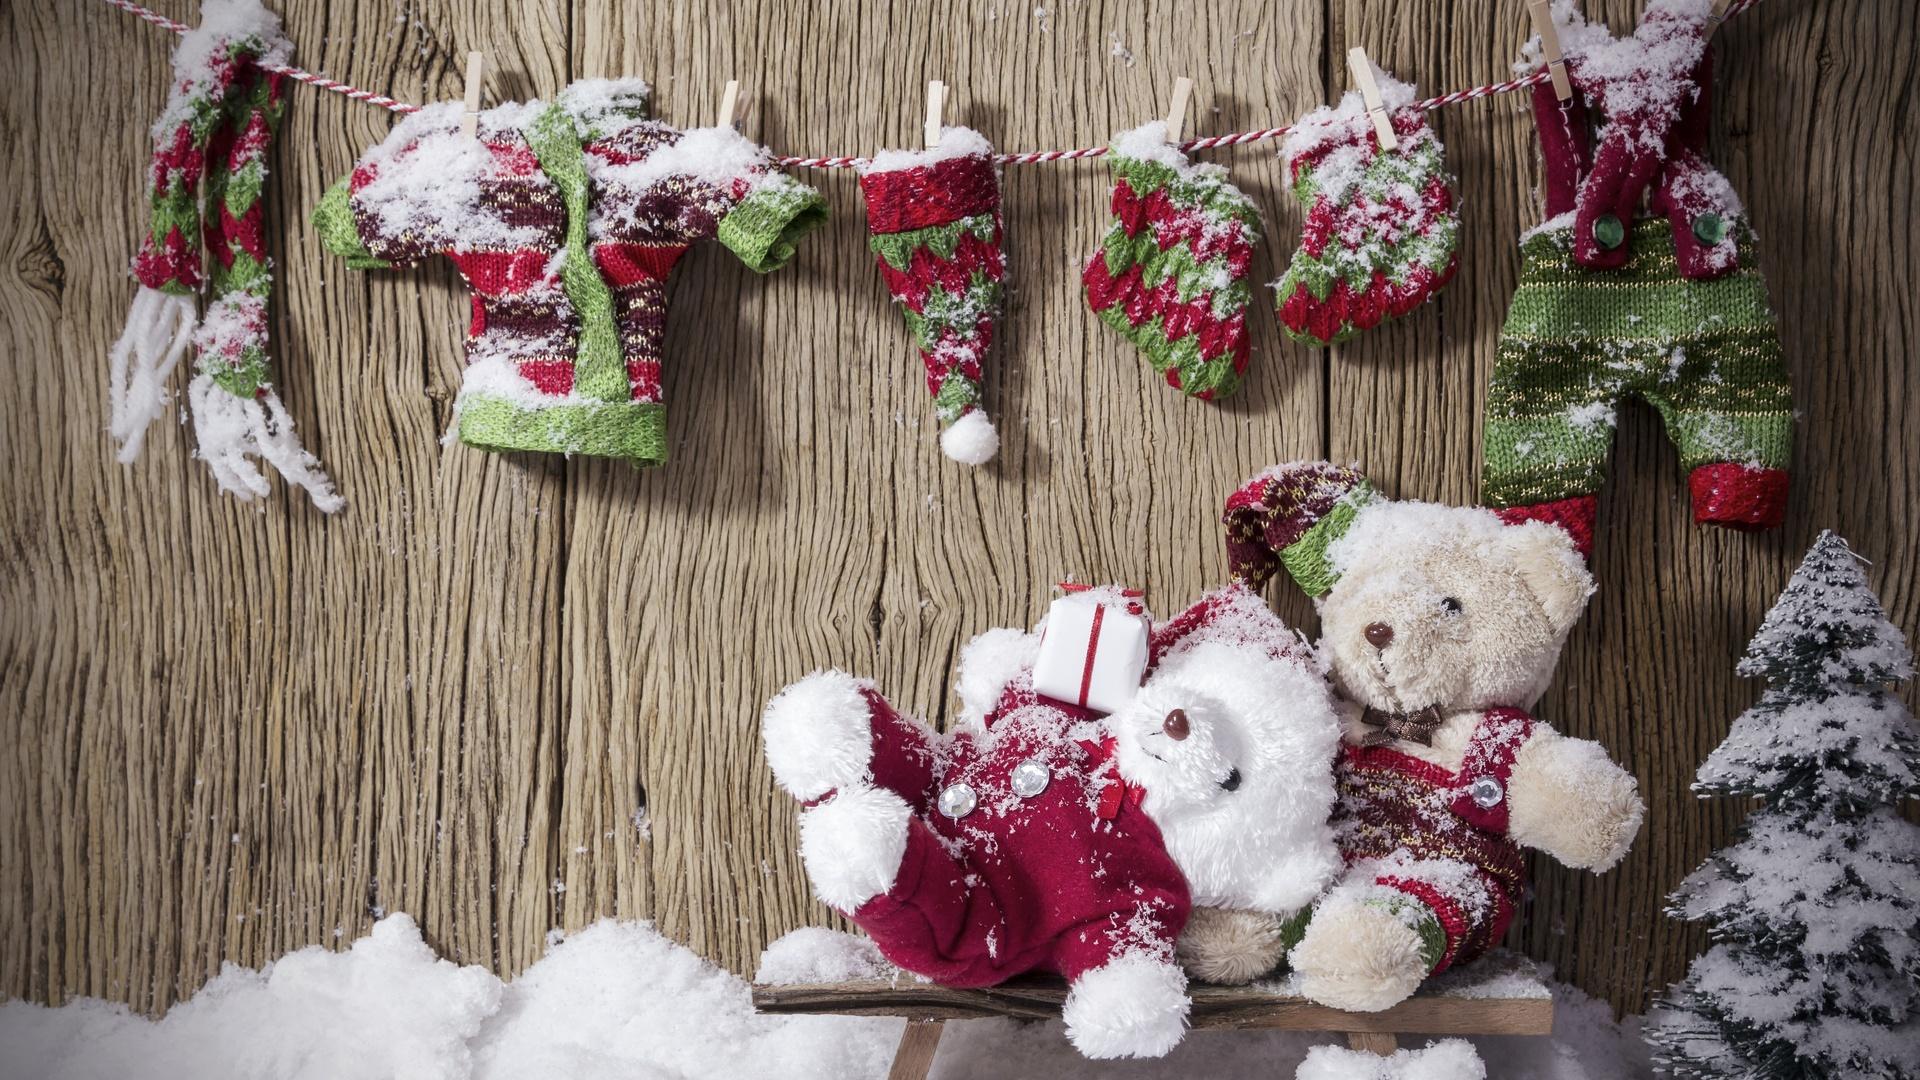 доски, декорация, праздник, новый год, рождество, снег, ёлочка, верёвка, одежда, игрушки, медвежата